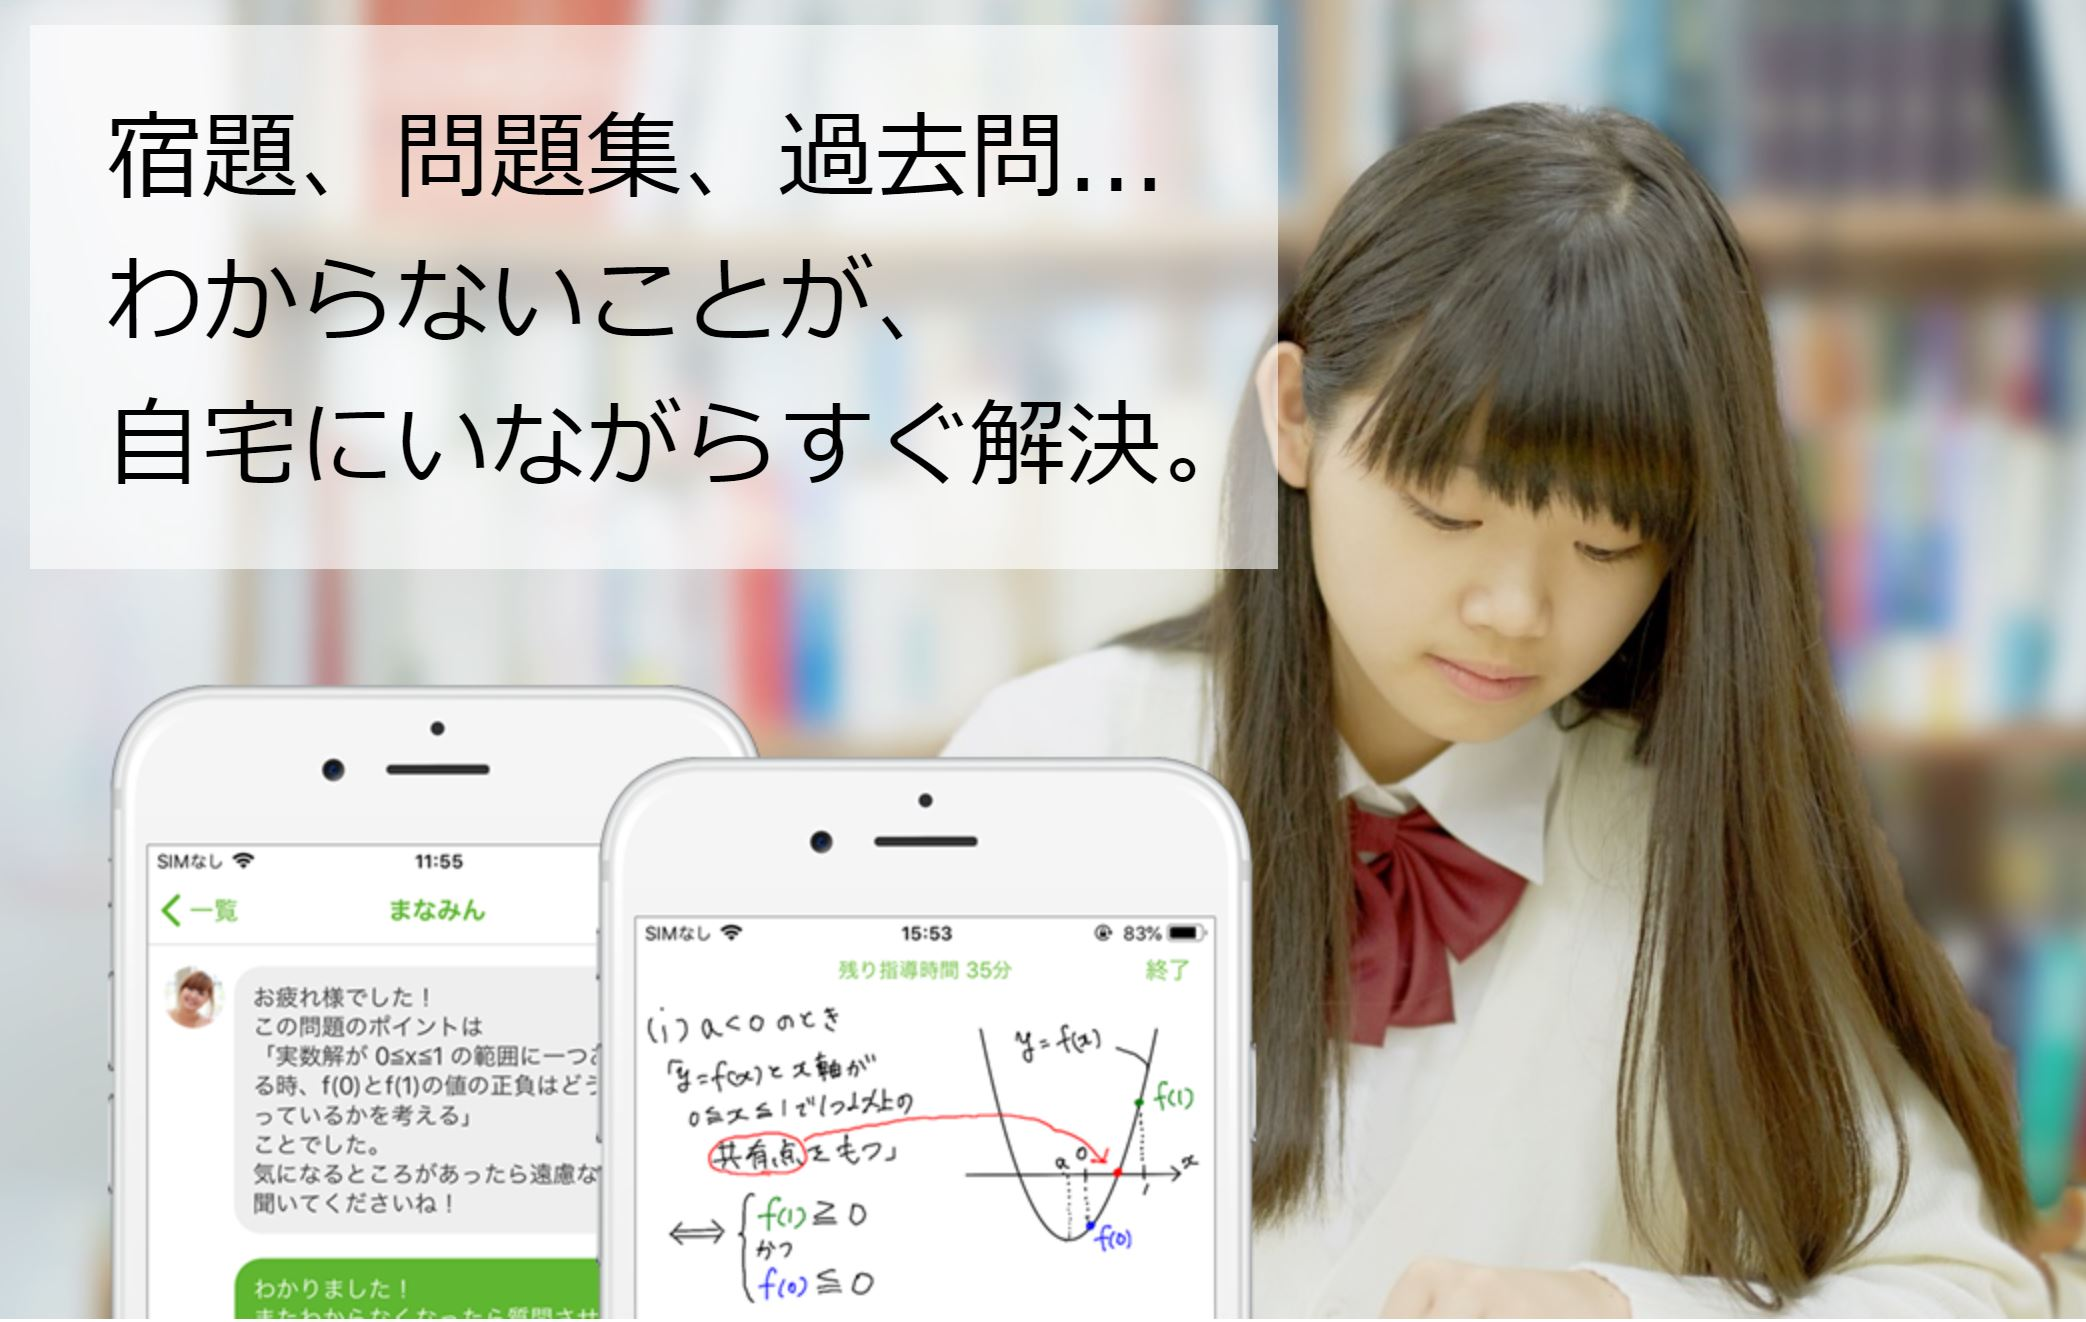 manabo(マナボ)【アプリ】の評判・口コミ、料金、チューターを分析!